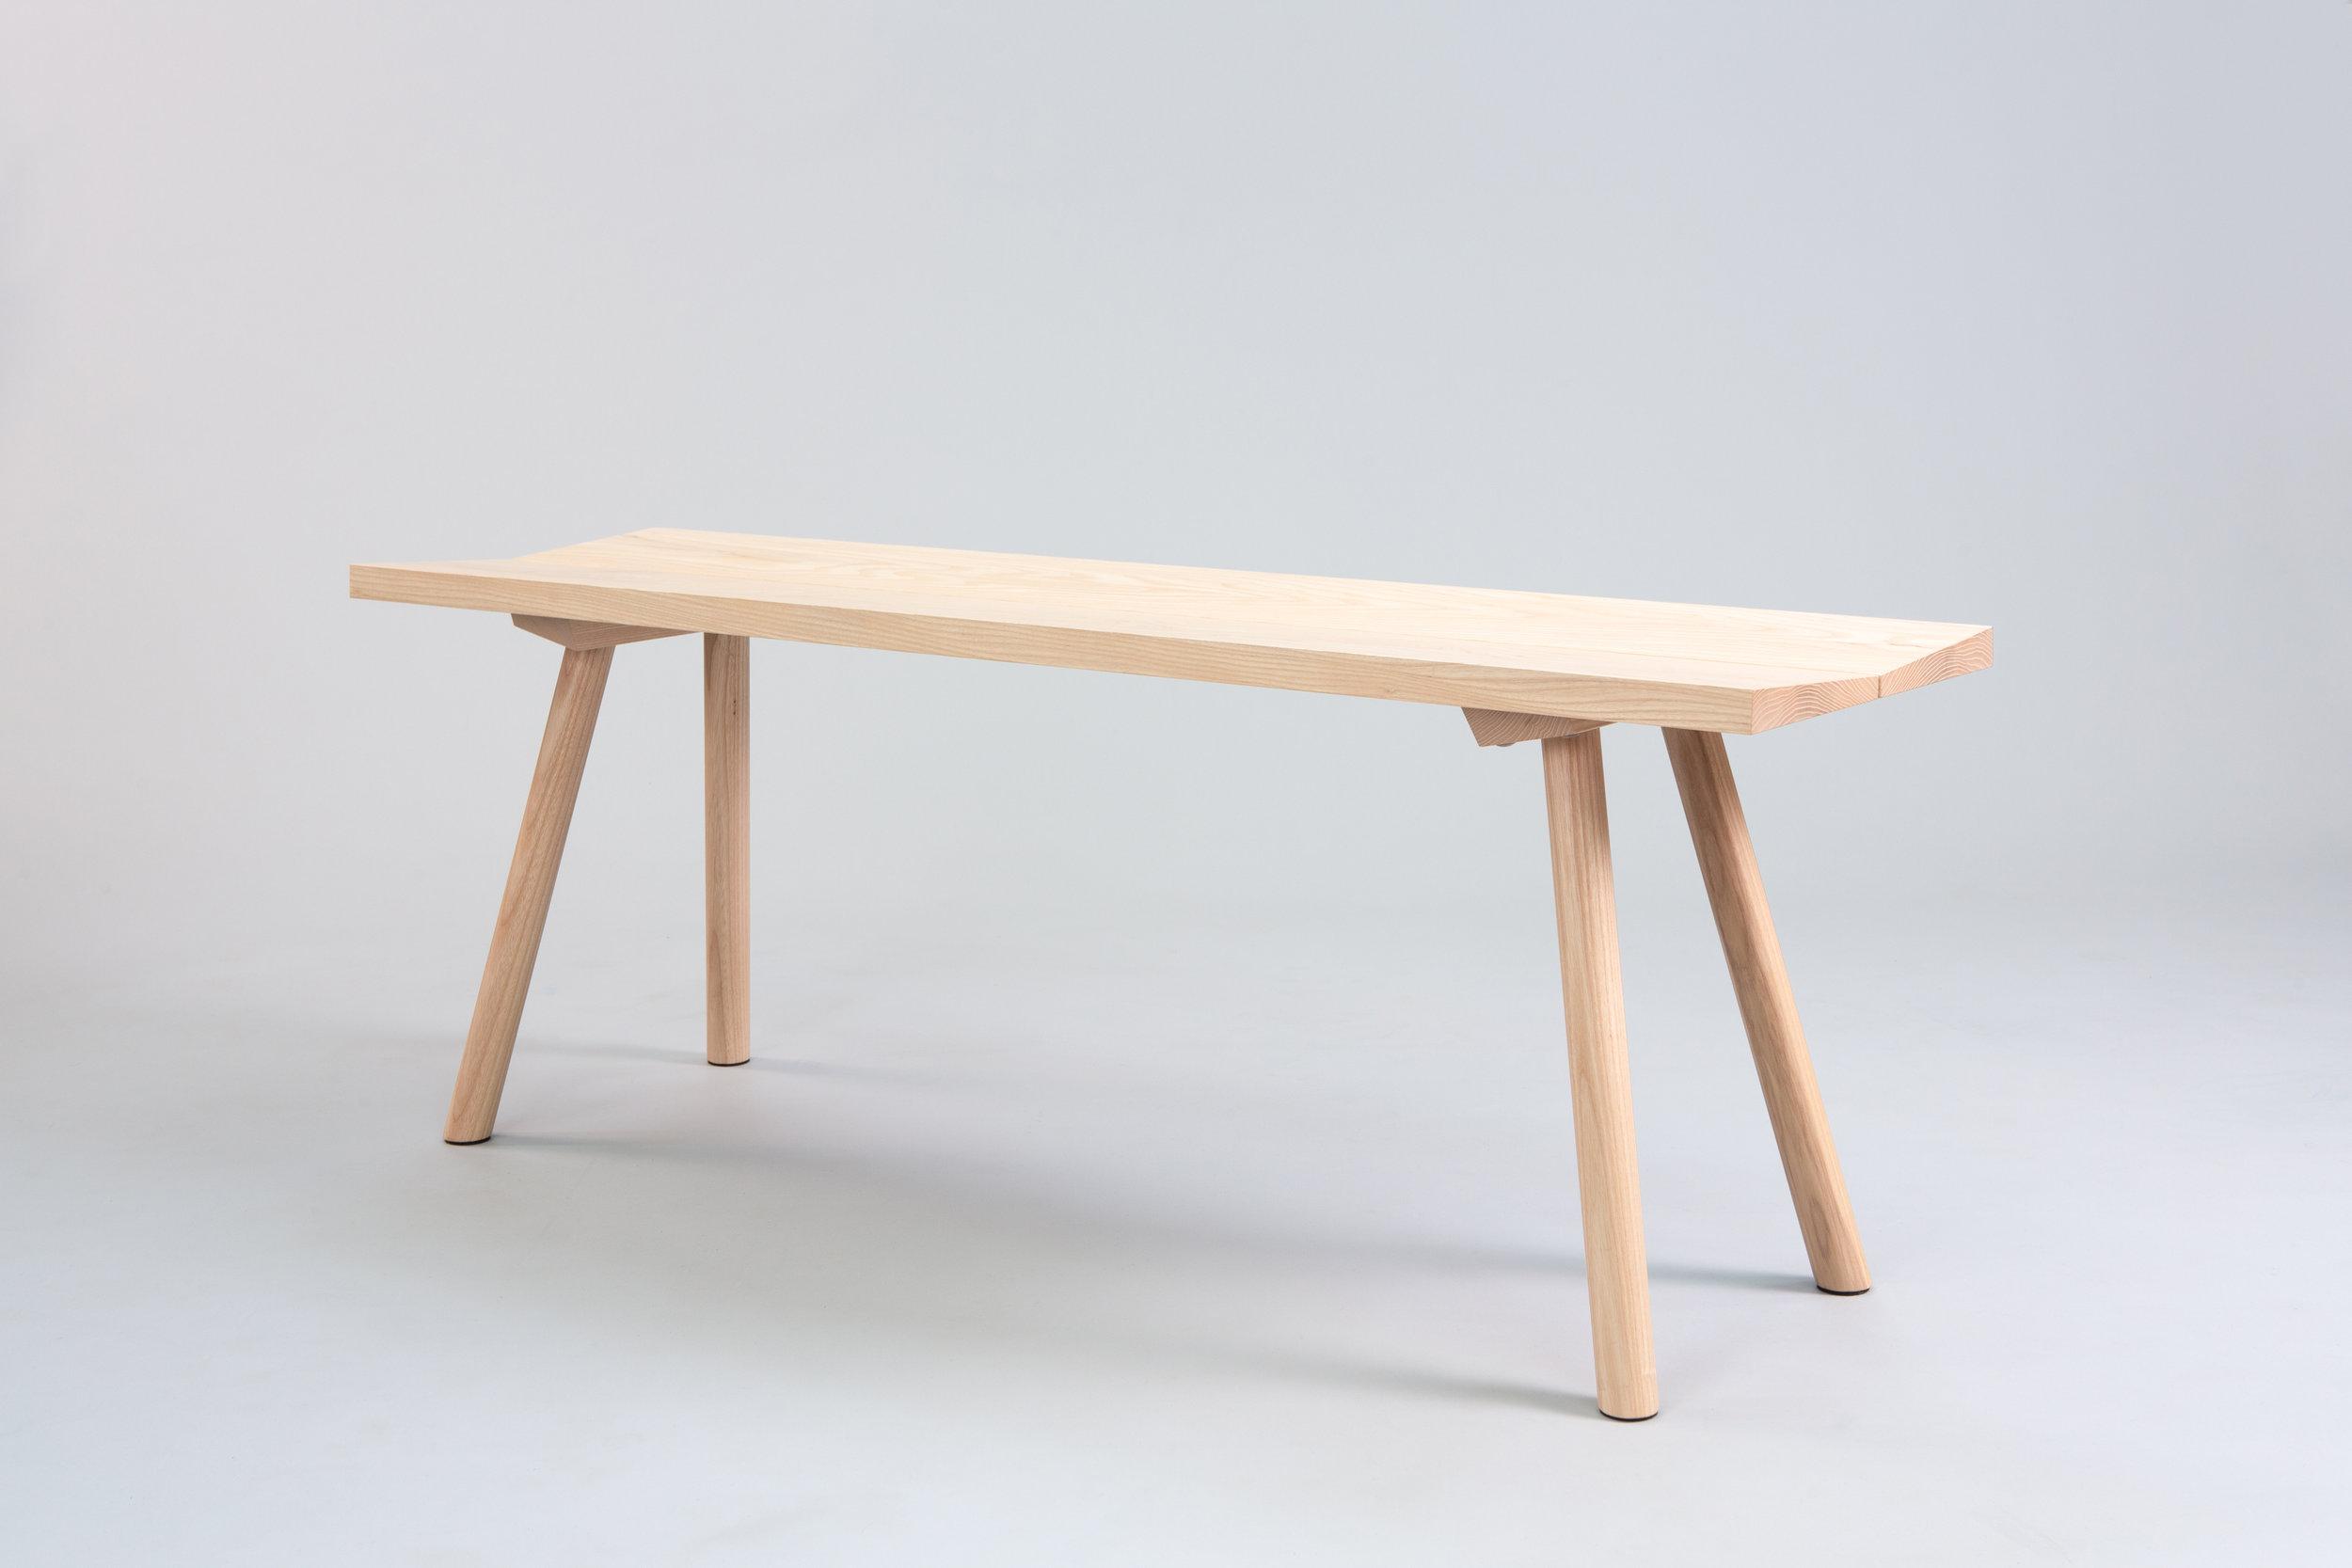 Cùram bench 2.jpg